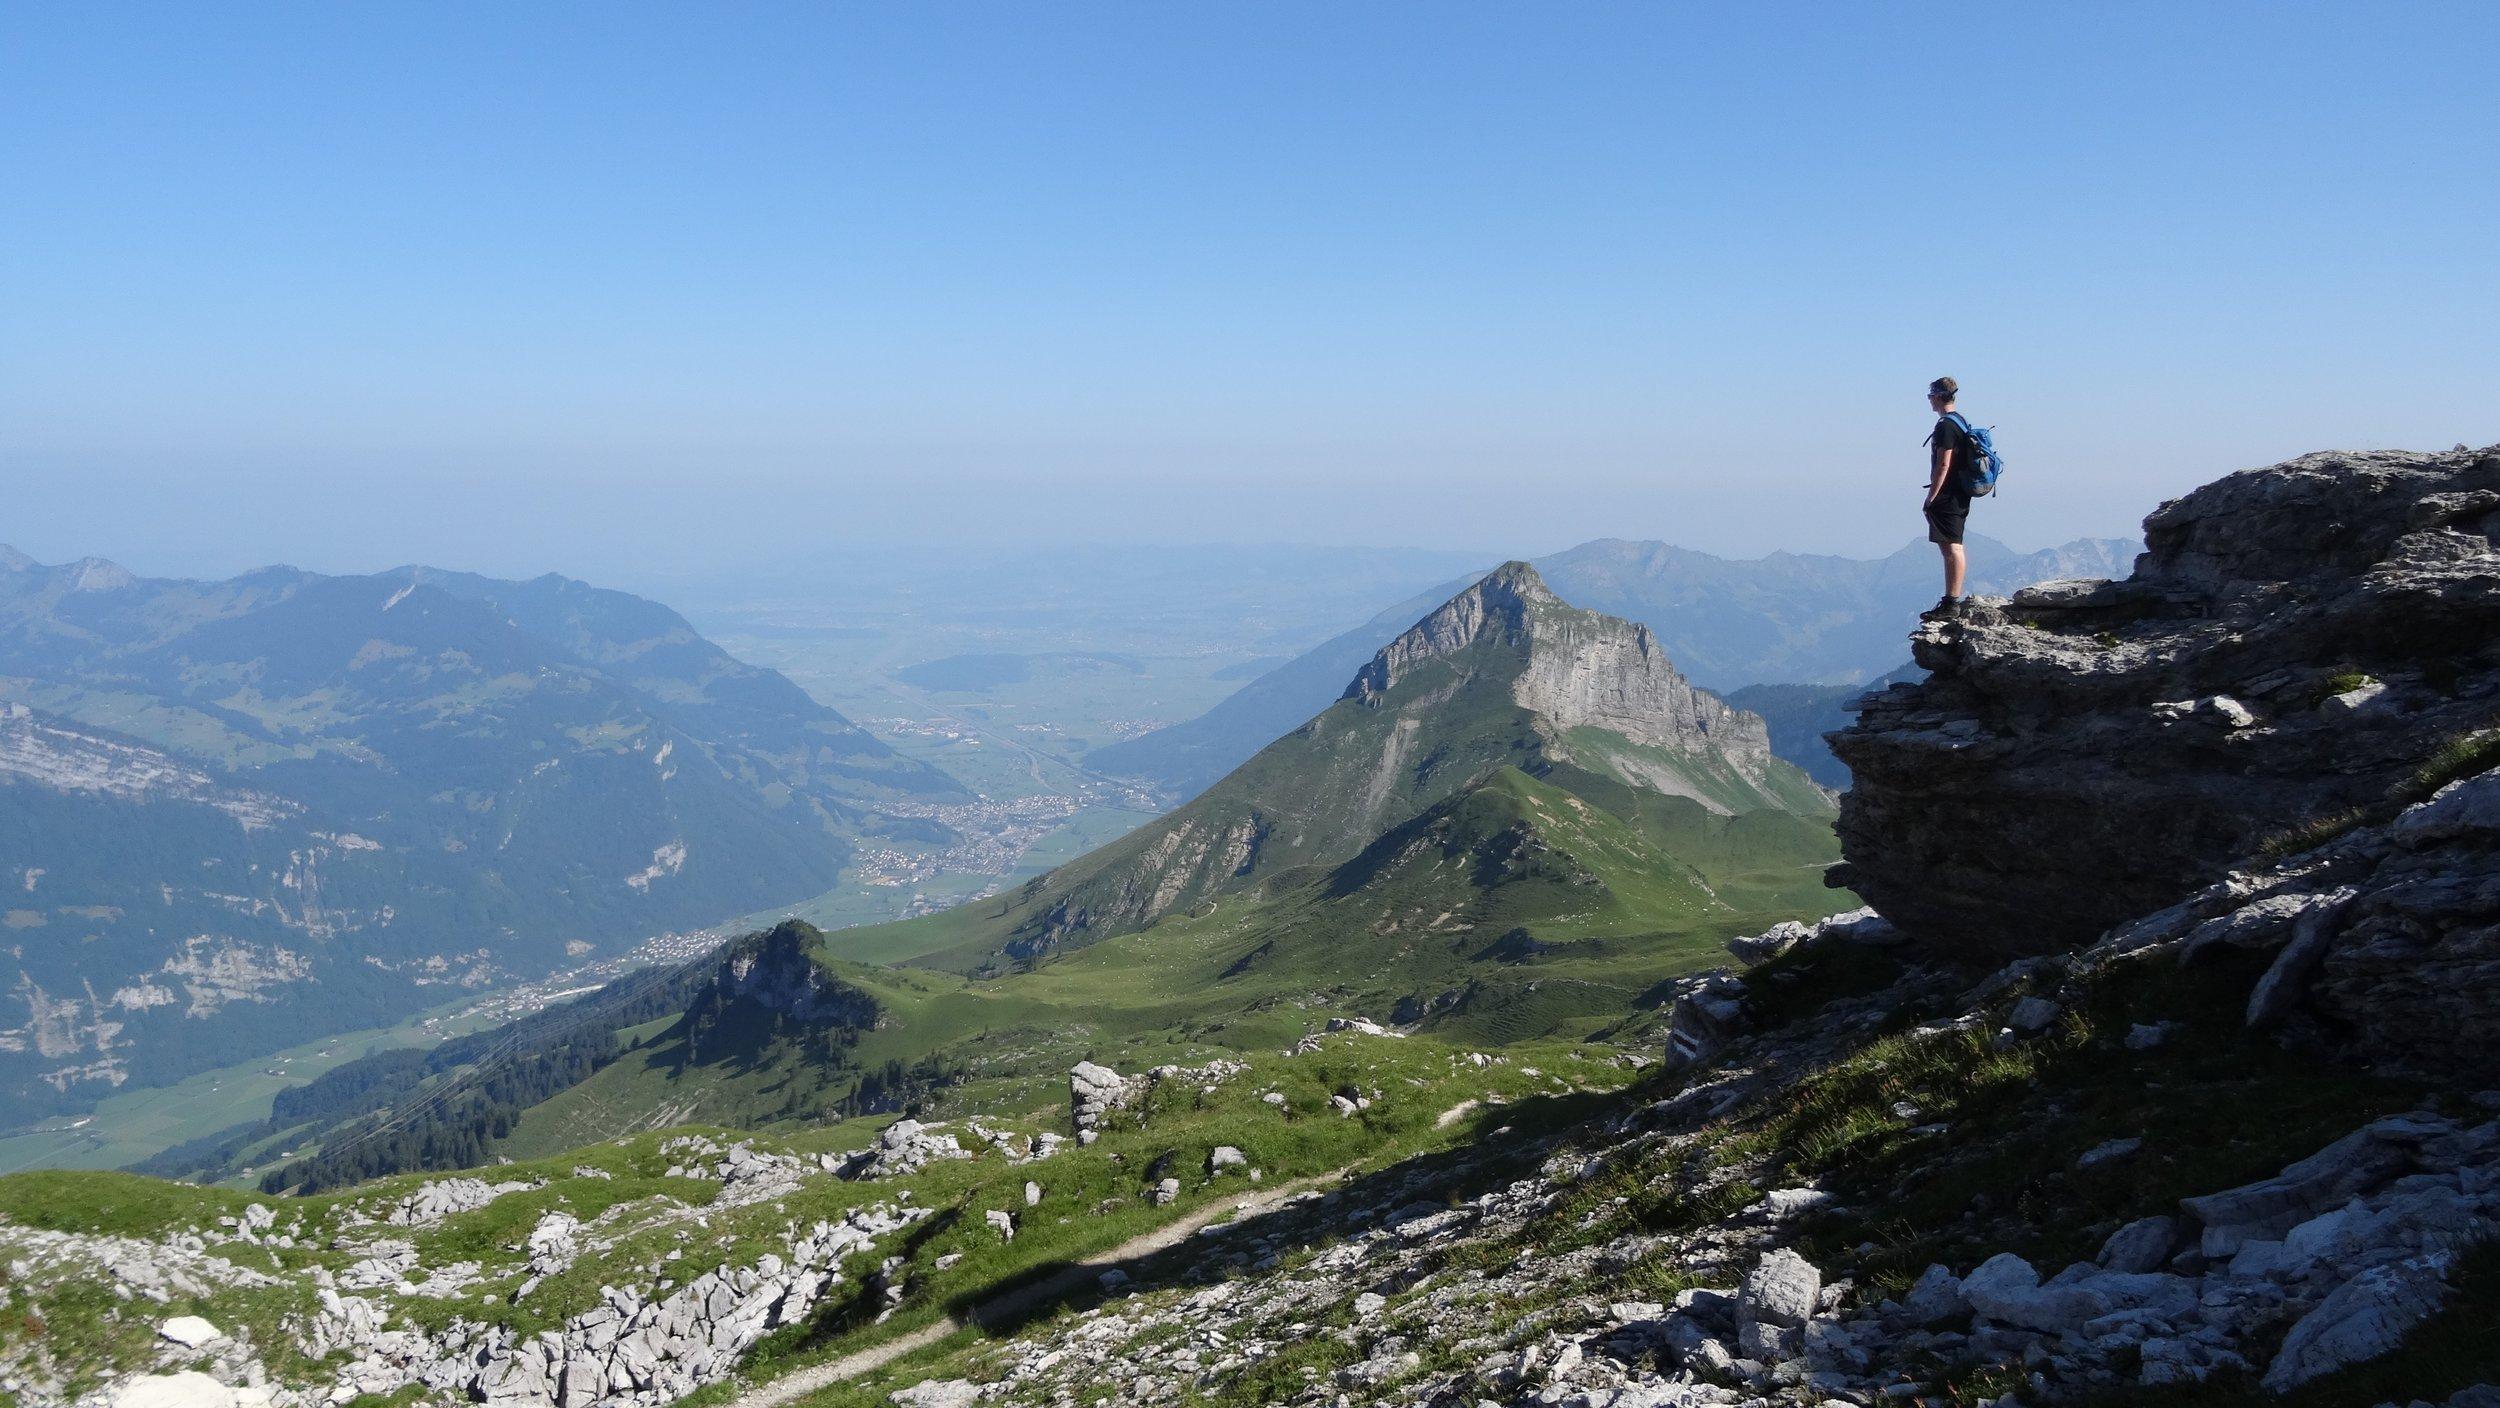 Højskole i udlandet   Sommerhøjskole i bjergene i Alperne   Ta' med på højskoleophold for unge mennesker